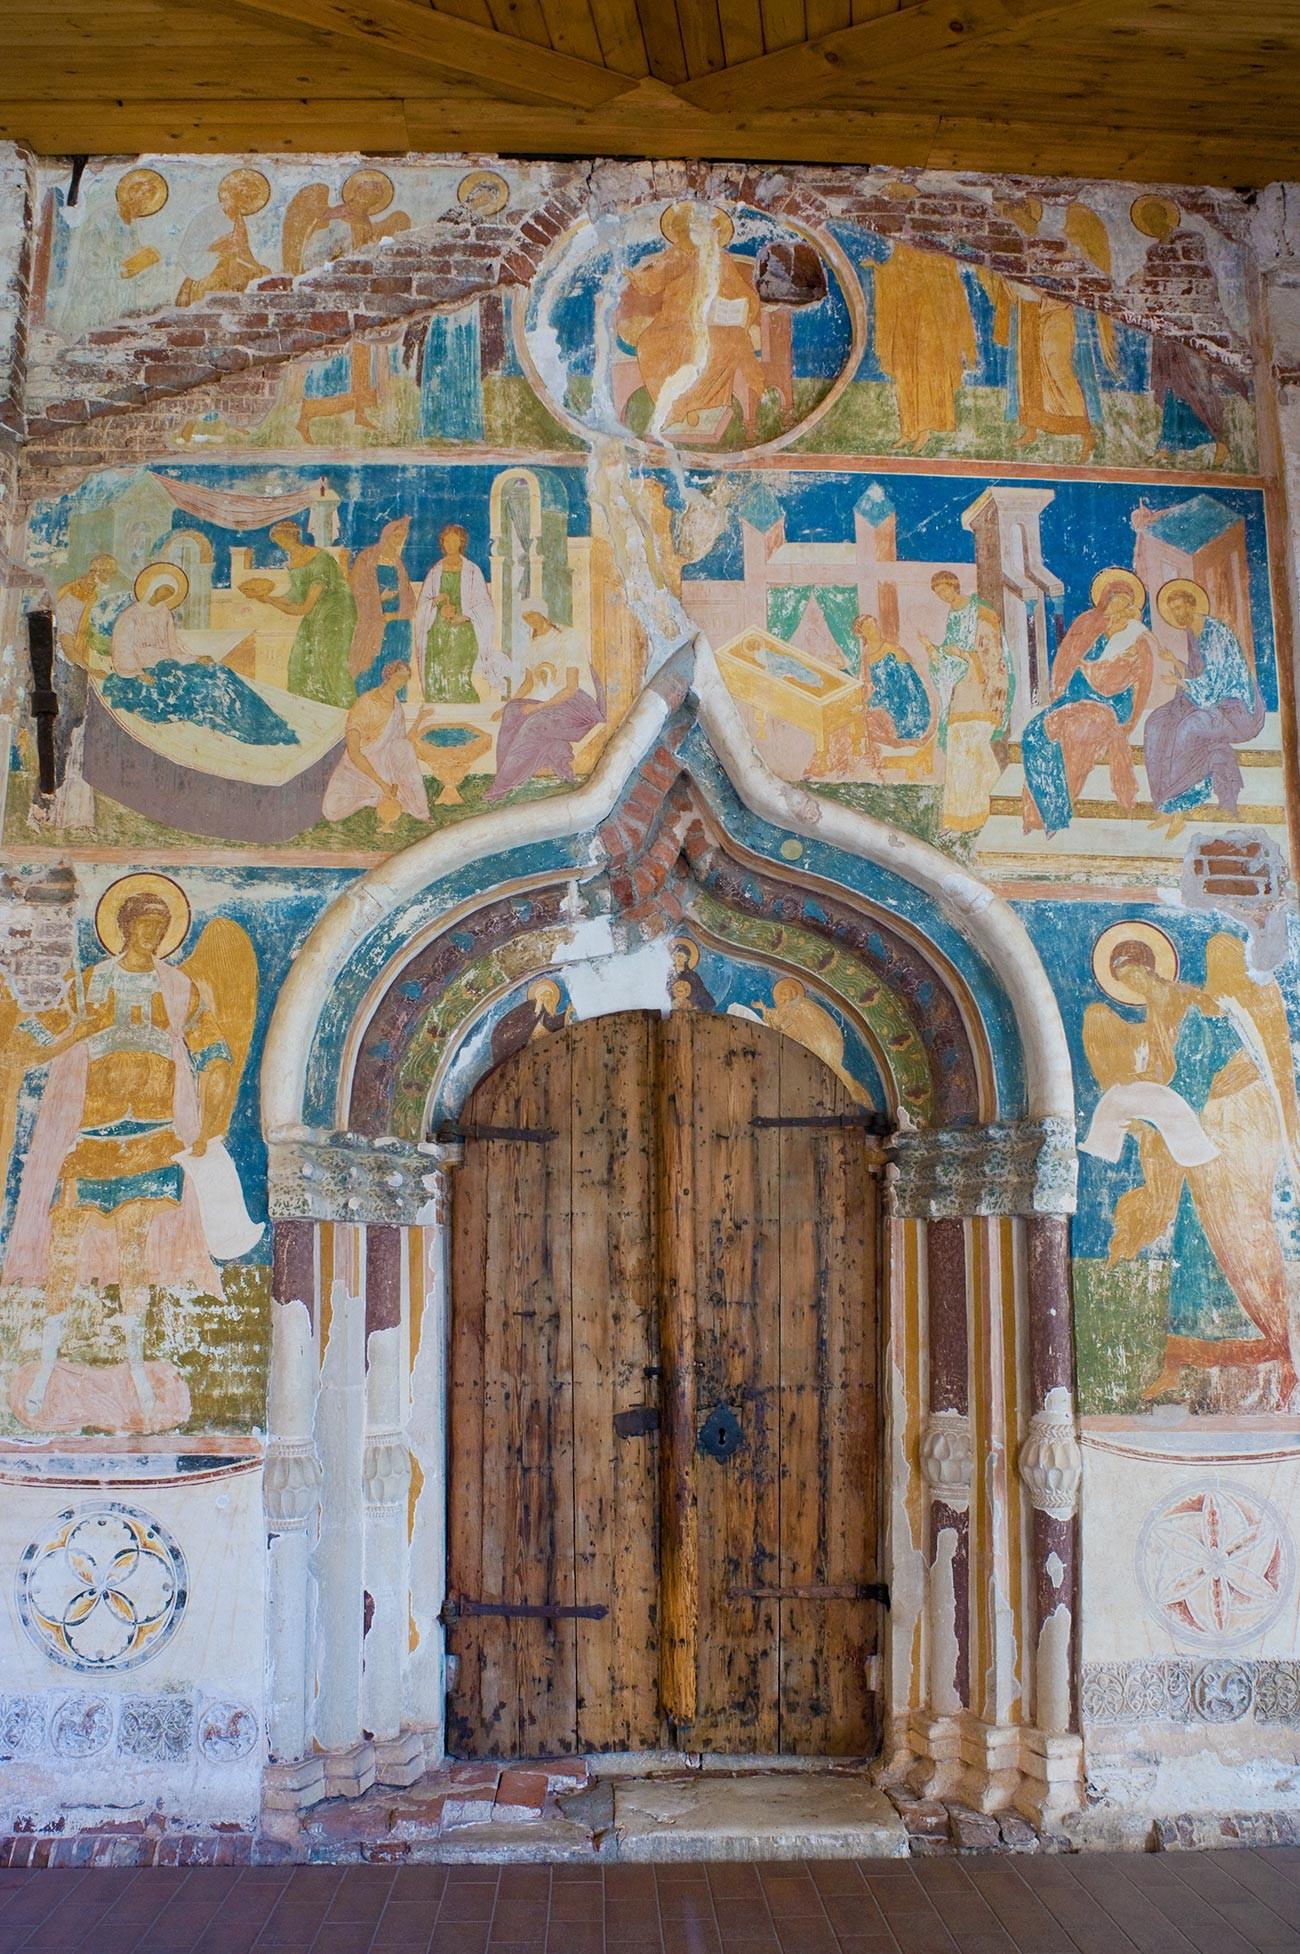 Cathédrale de la Nativité de la Vierge, façade ouest. Portail principal avec les archanges Michel (à gauche) et Gabriel. En haut : scènes de la Nativité de la Vierge Marie